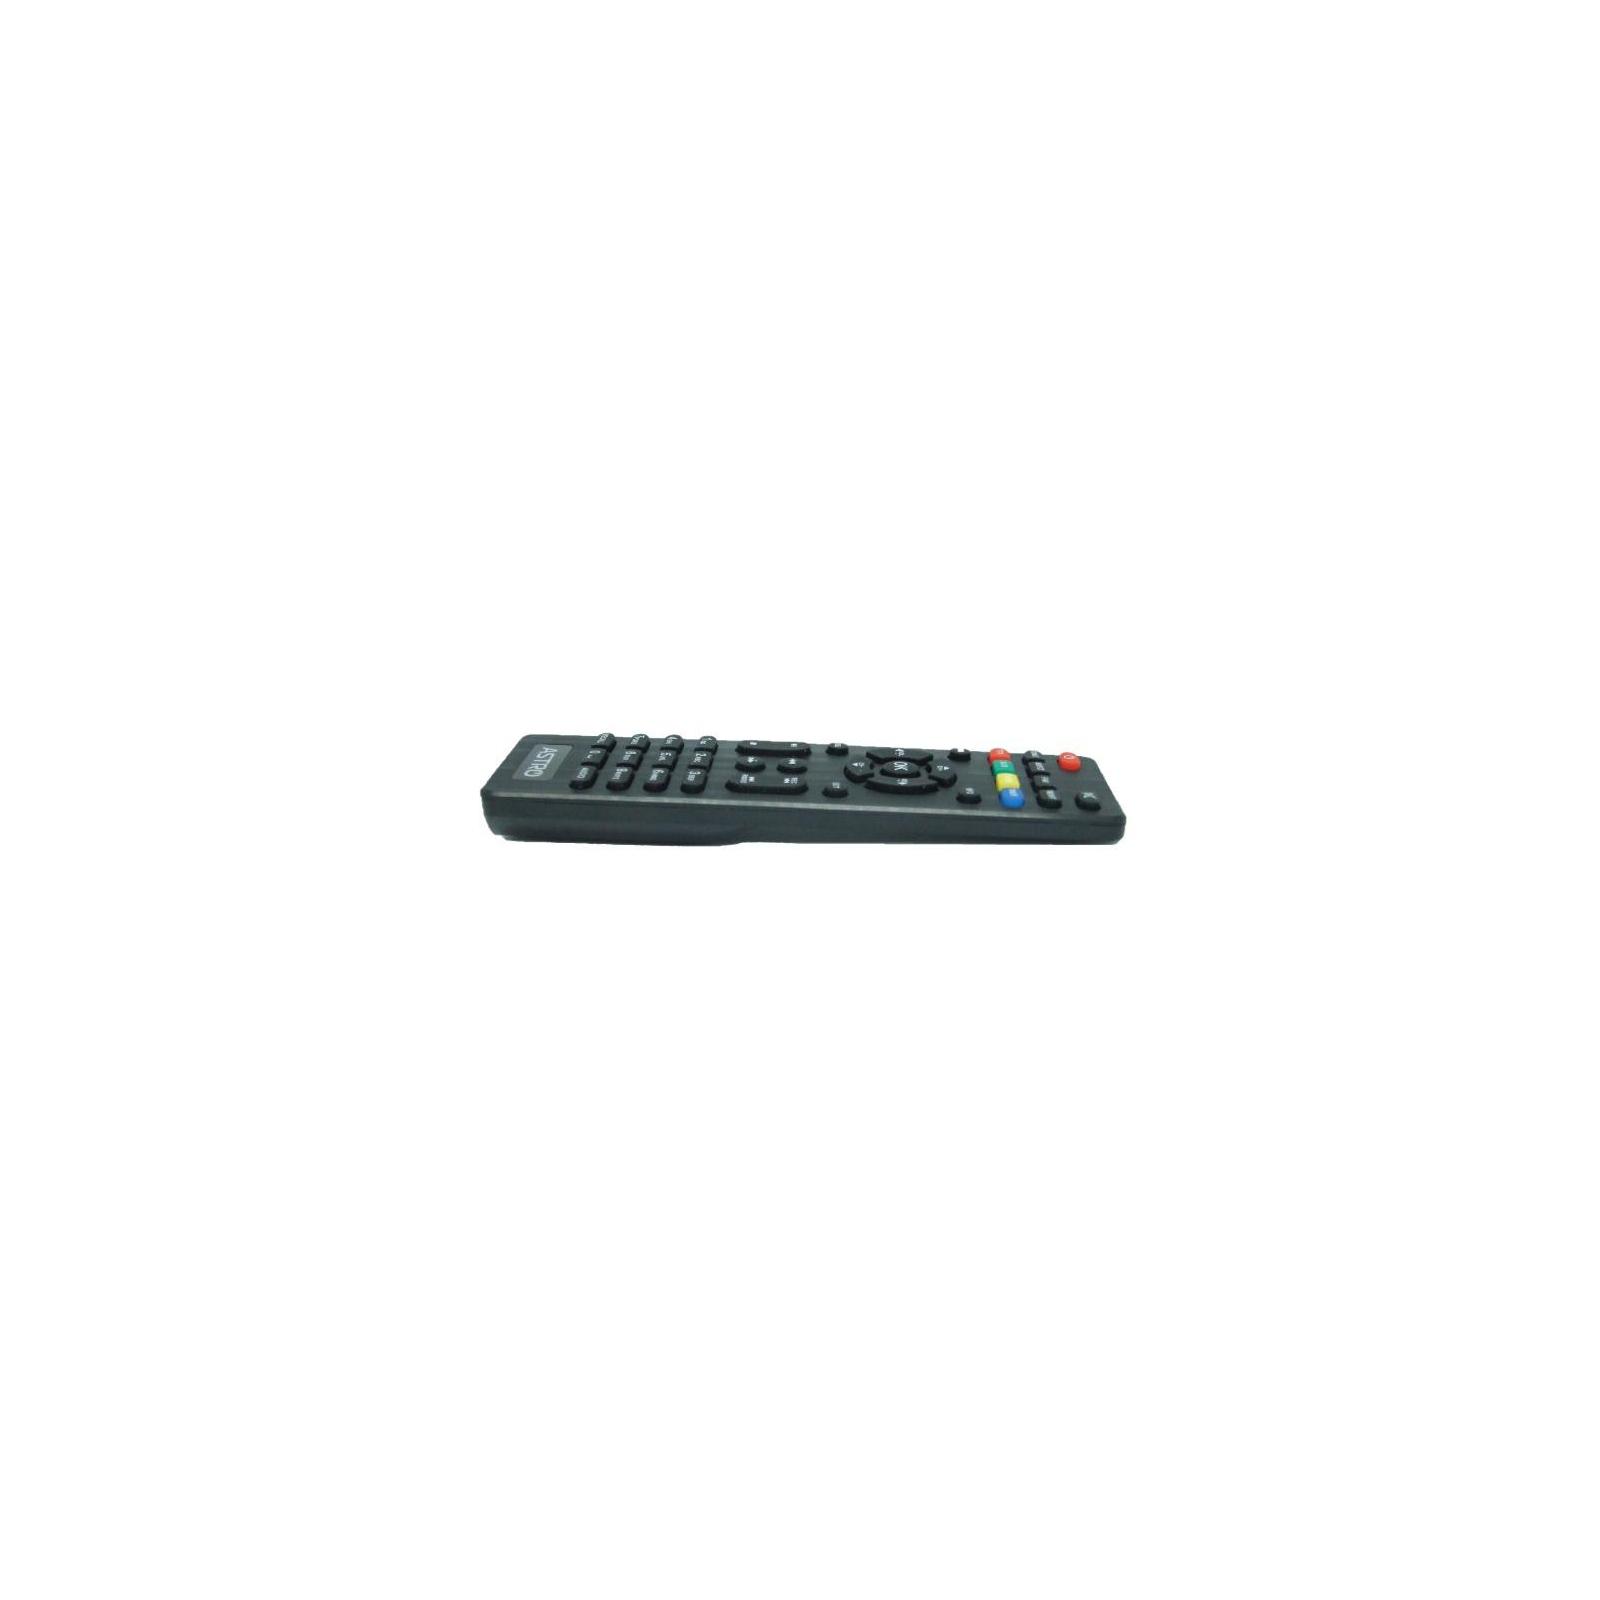 ТВ тюнер Astro DVB-T, DVB-T2, + USB-port (TA-24) зображення 3